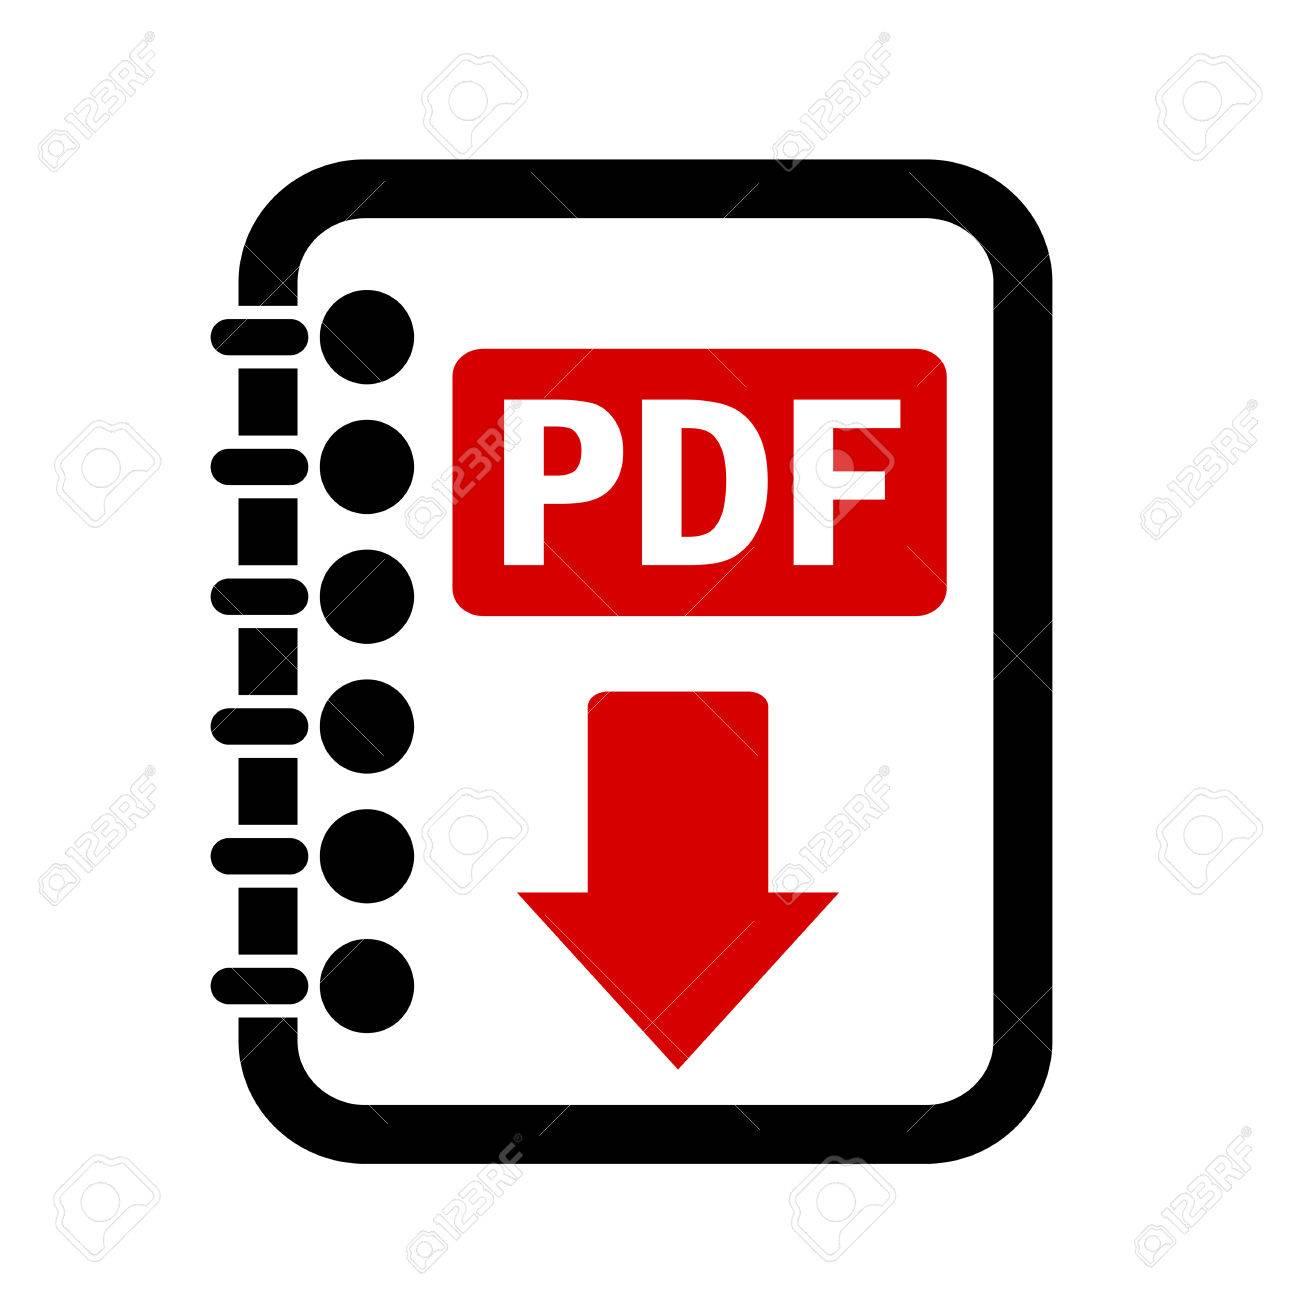 Cómo descargar y leer archivos pdf tecnología fácil.